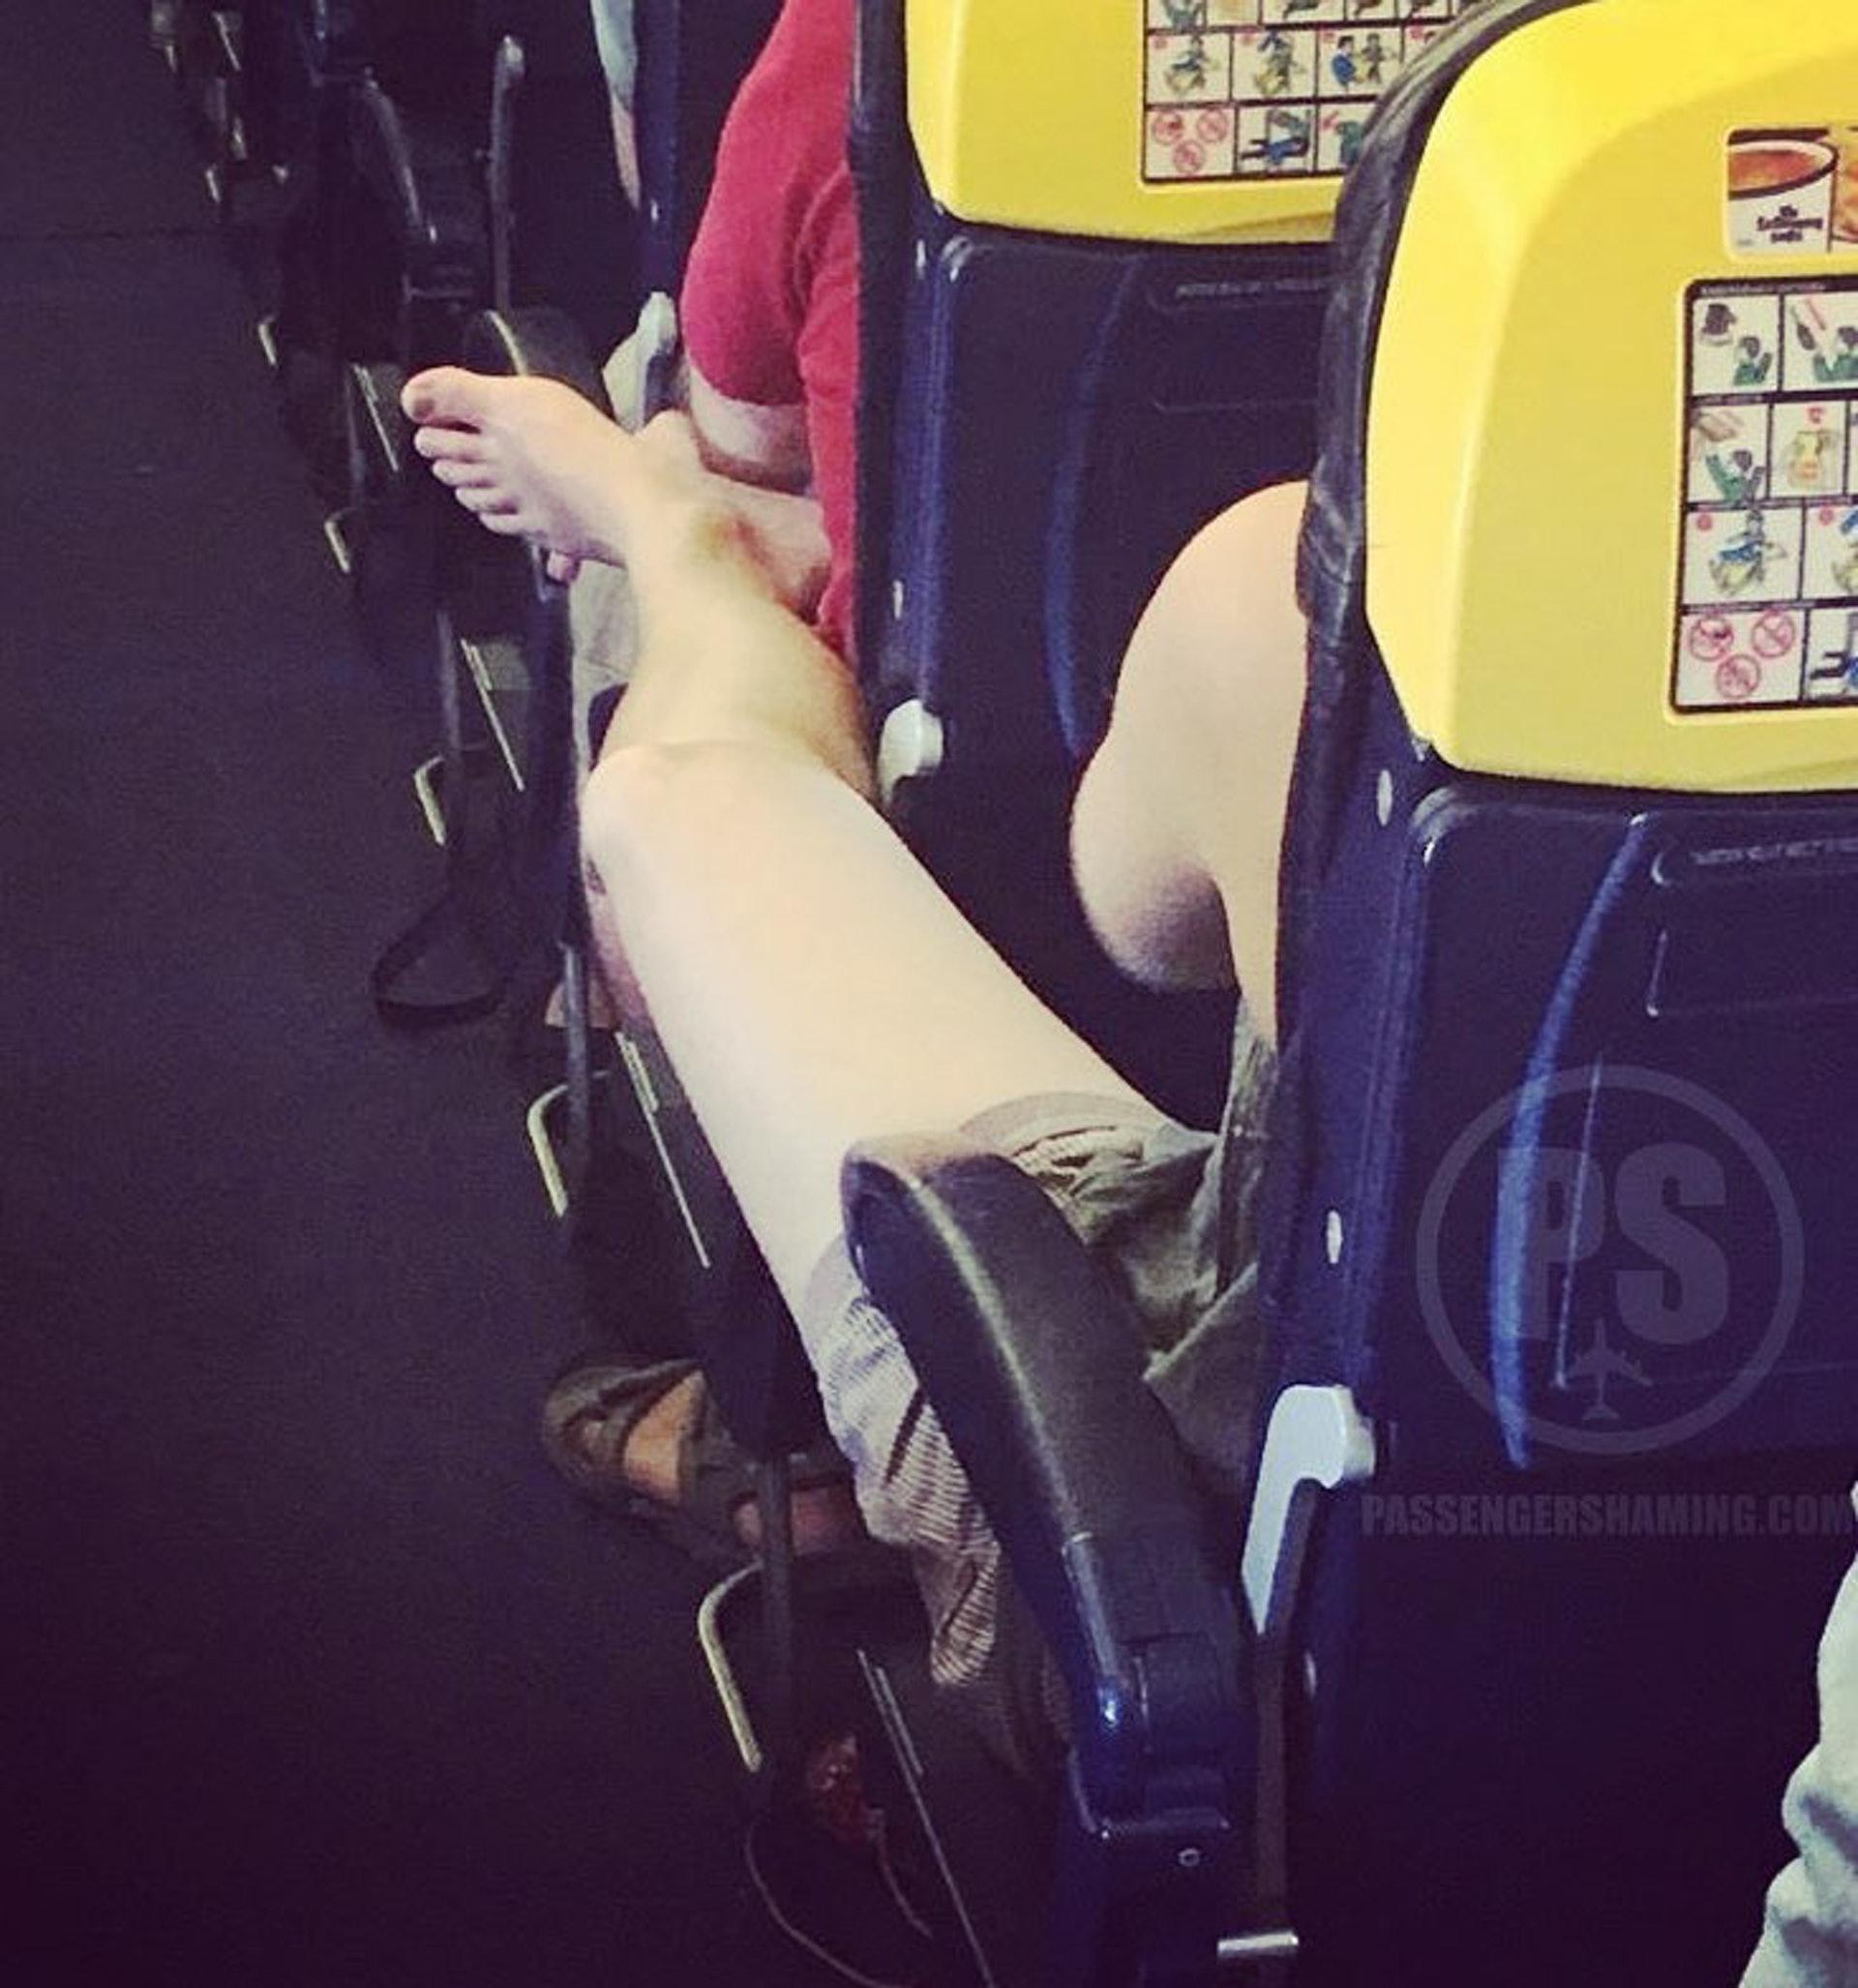 膝撞加臭腳,真的很恐佈呢!(圖片來源:passengershaming@ig)